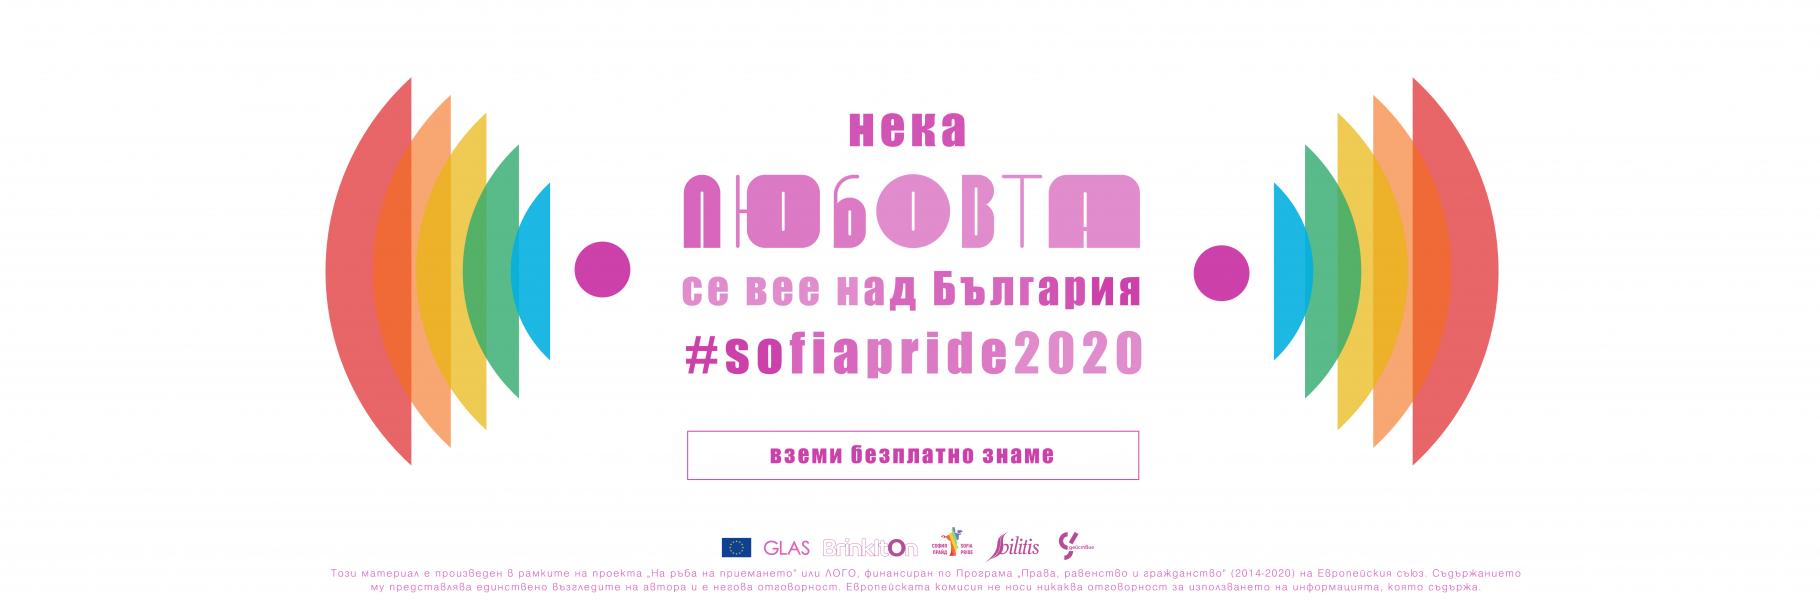 Любовта се вее над България – кампания за безплатно раздаване на знамена в цветовете на дъгата по повод София Прайд 2020